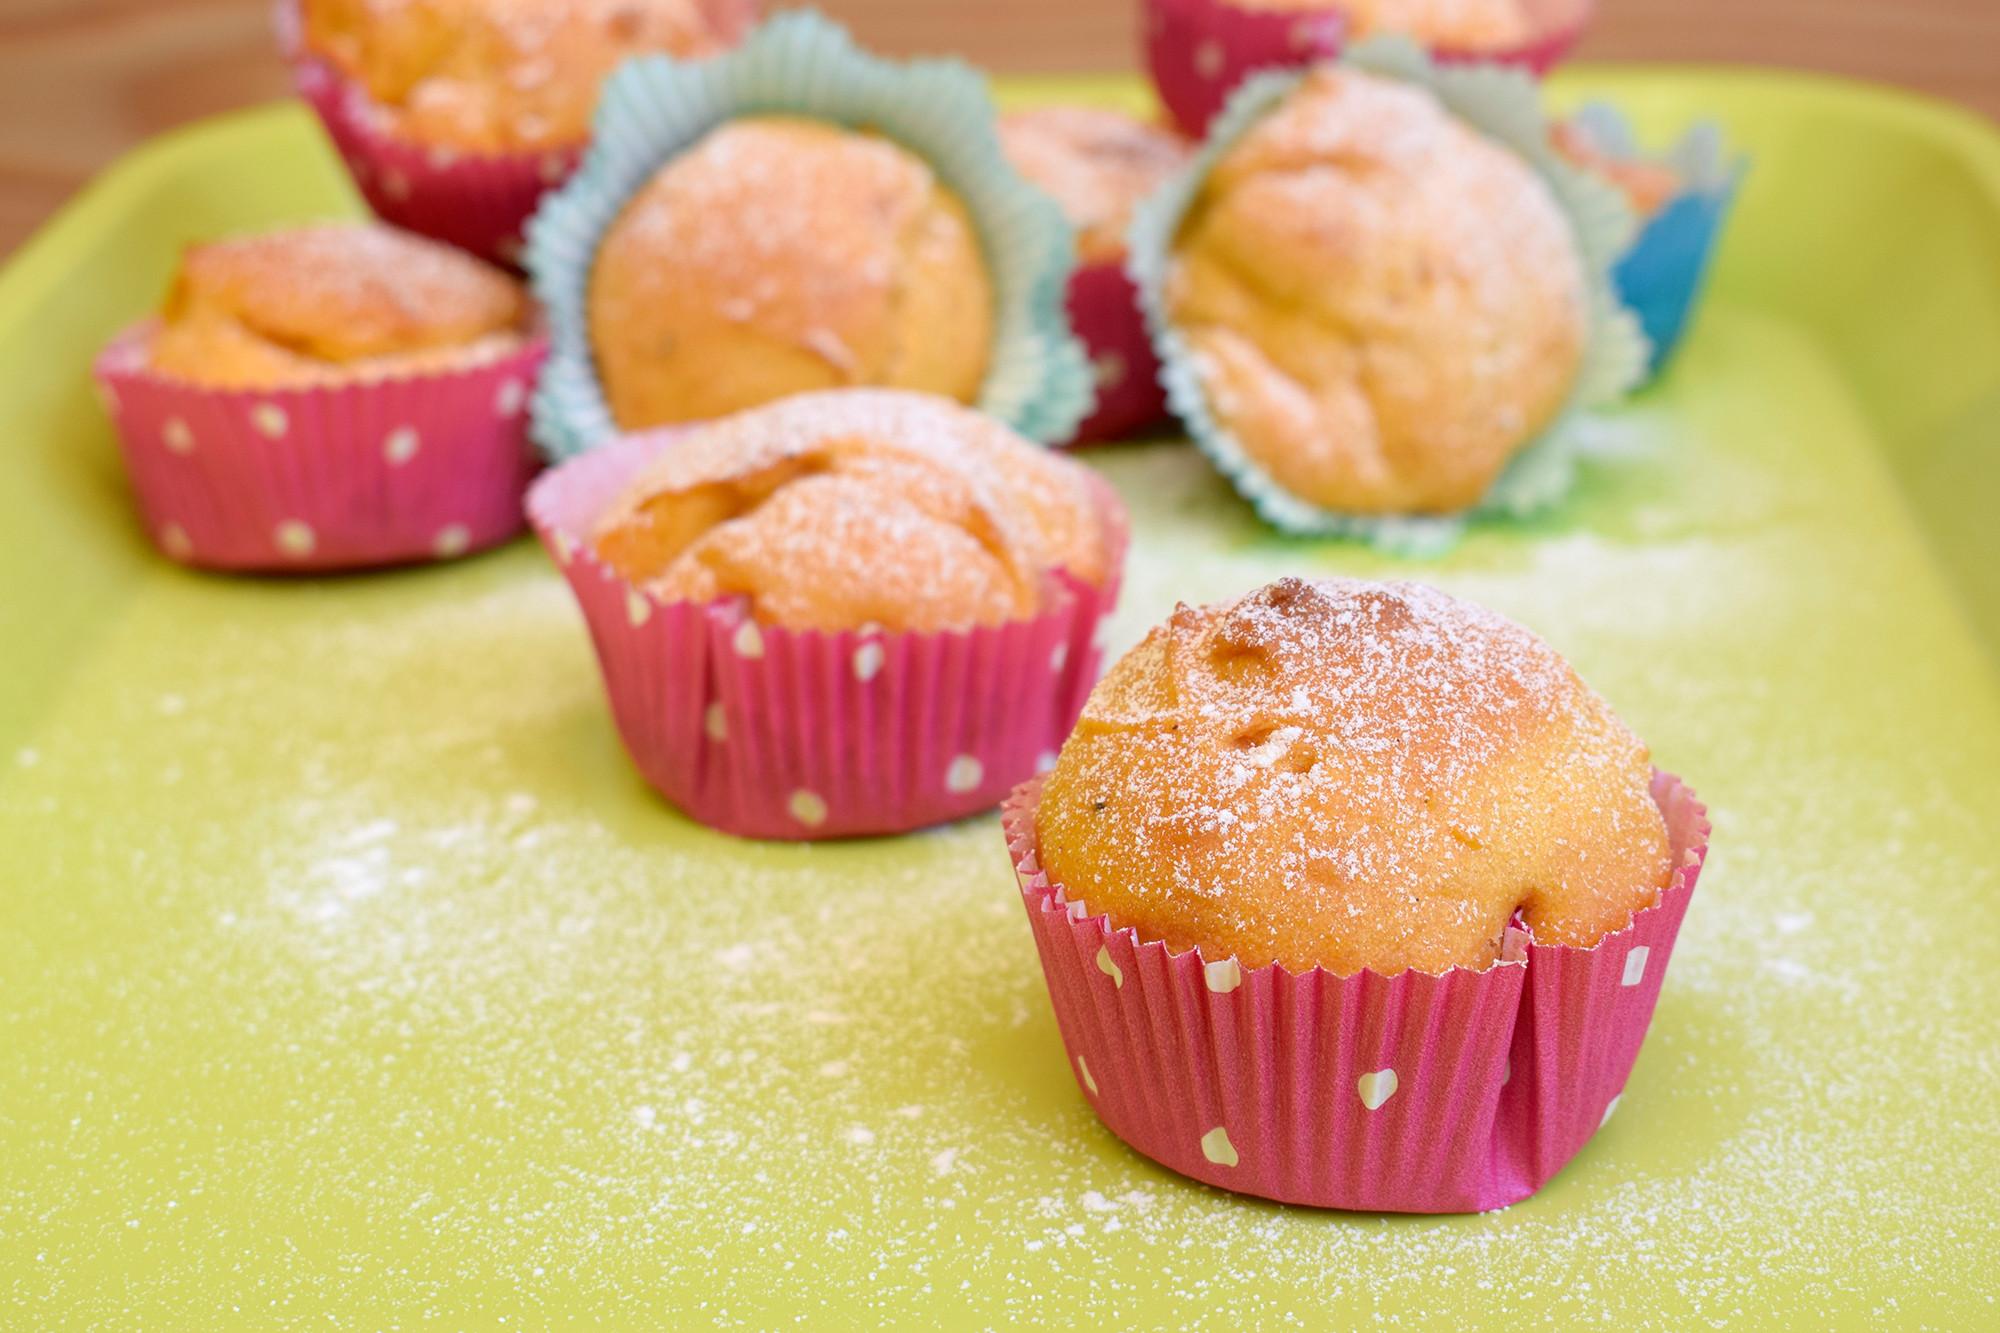 Muffins ohne Ei und Milch, aber richtig saftig dank Öl